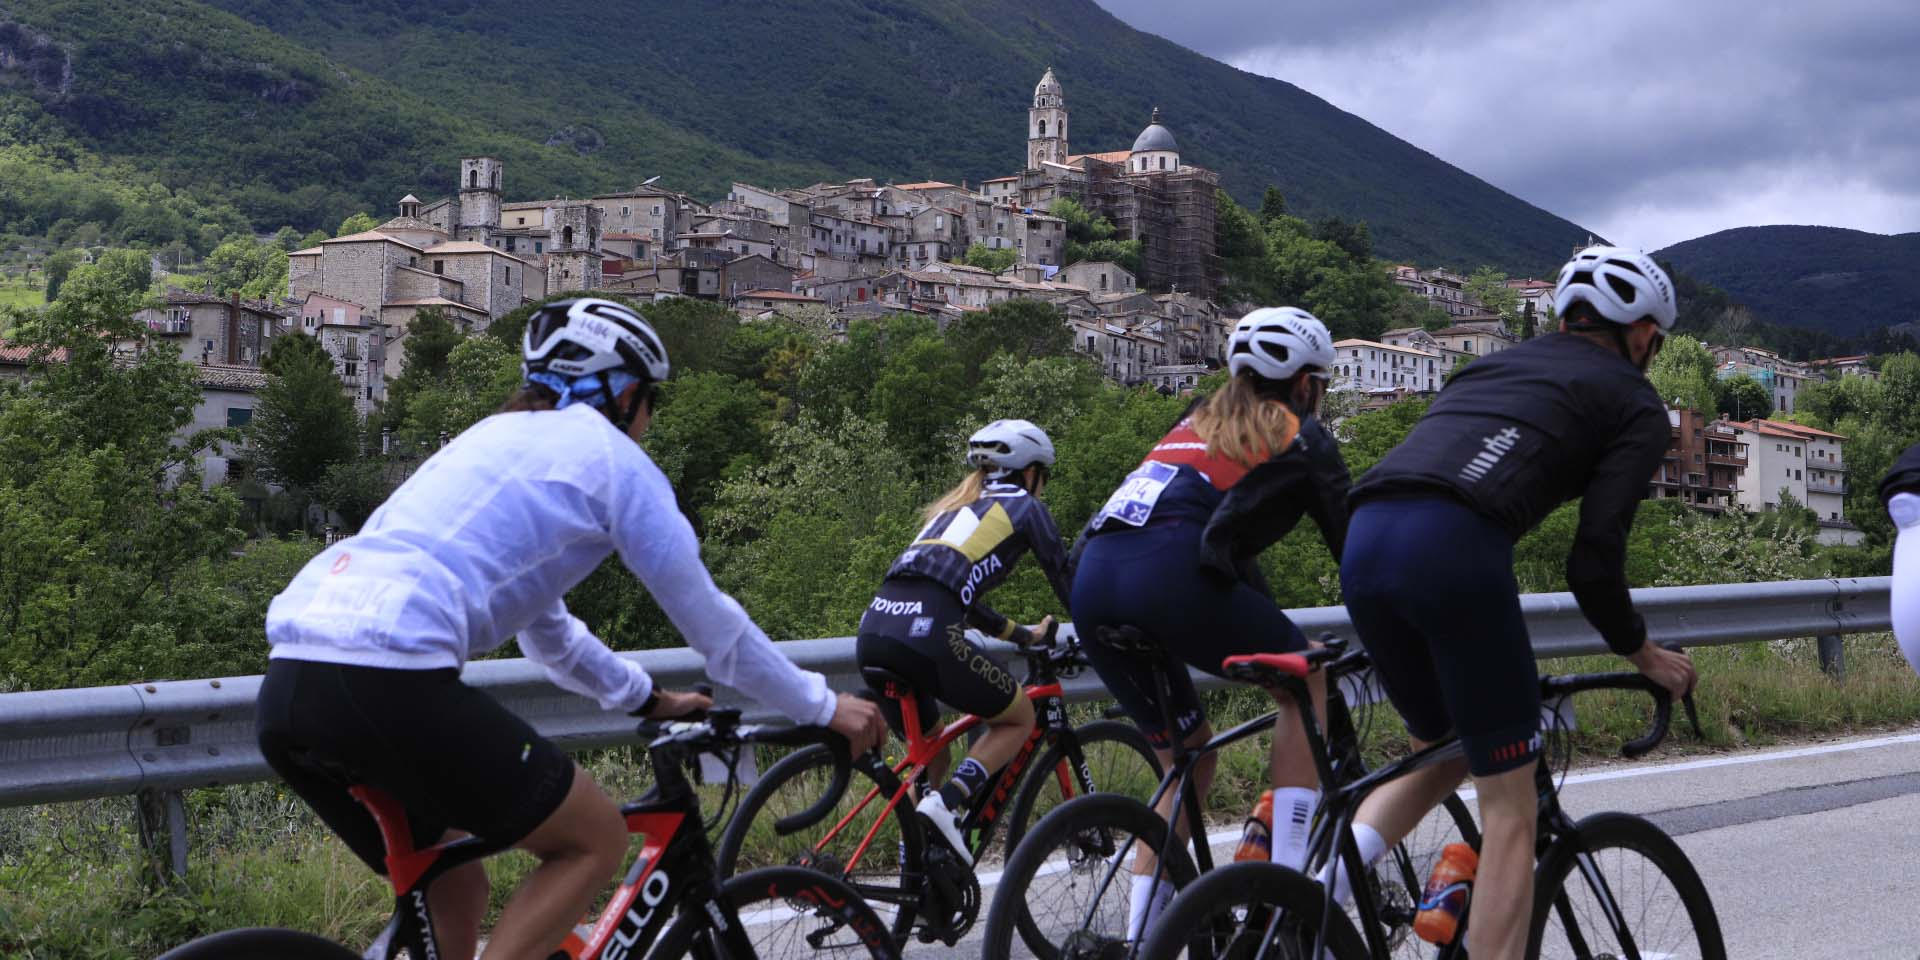 Tappa numero 8 del Giro-E 2021, si parte dalla bella Vinchiaturo senza fare alcuna fatica